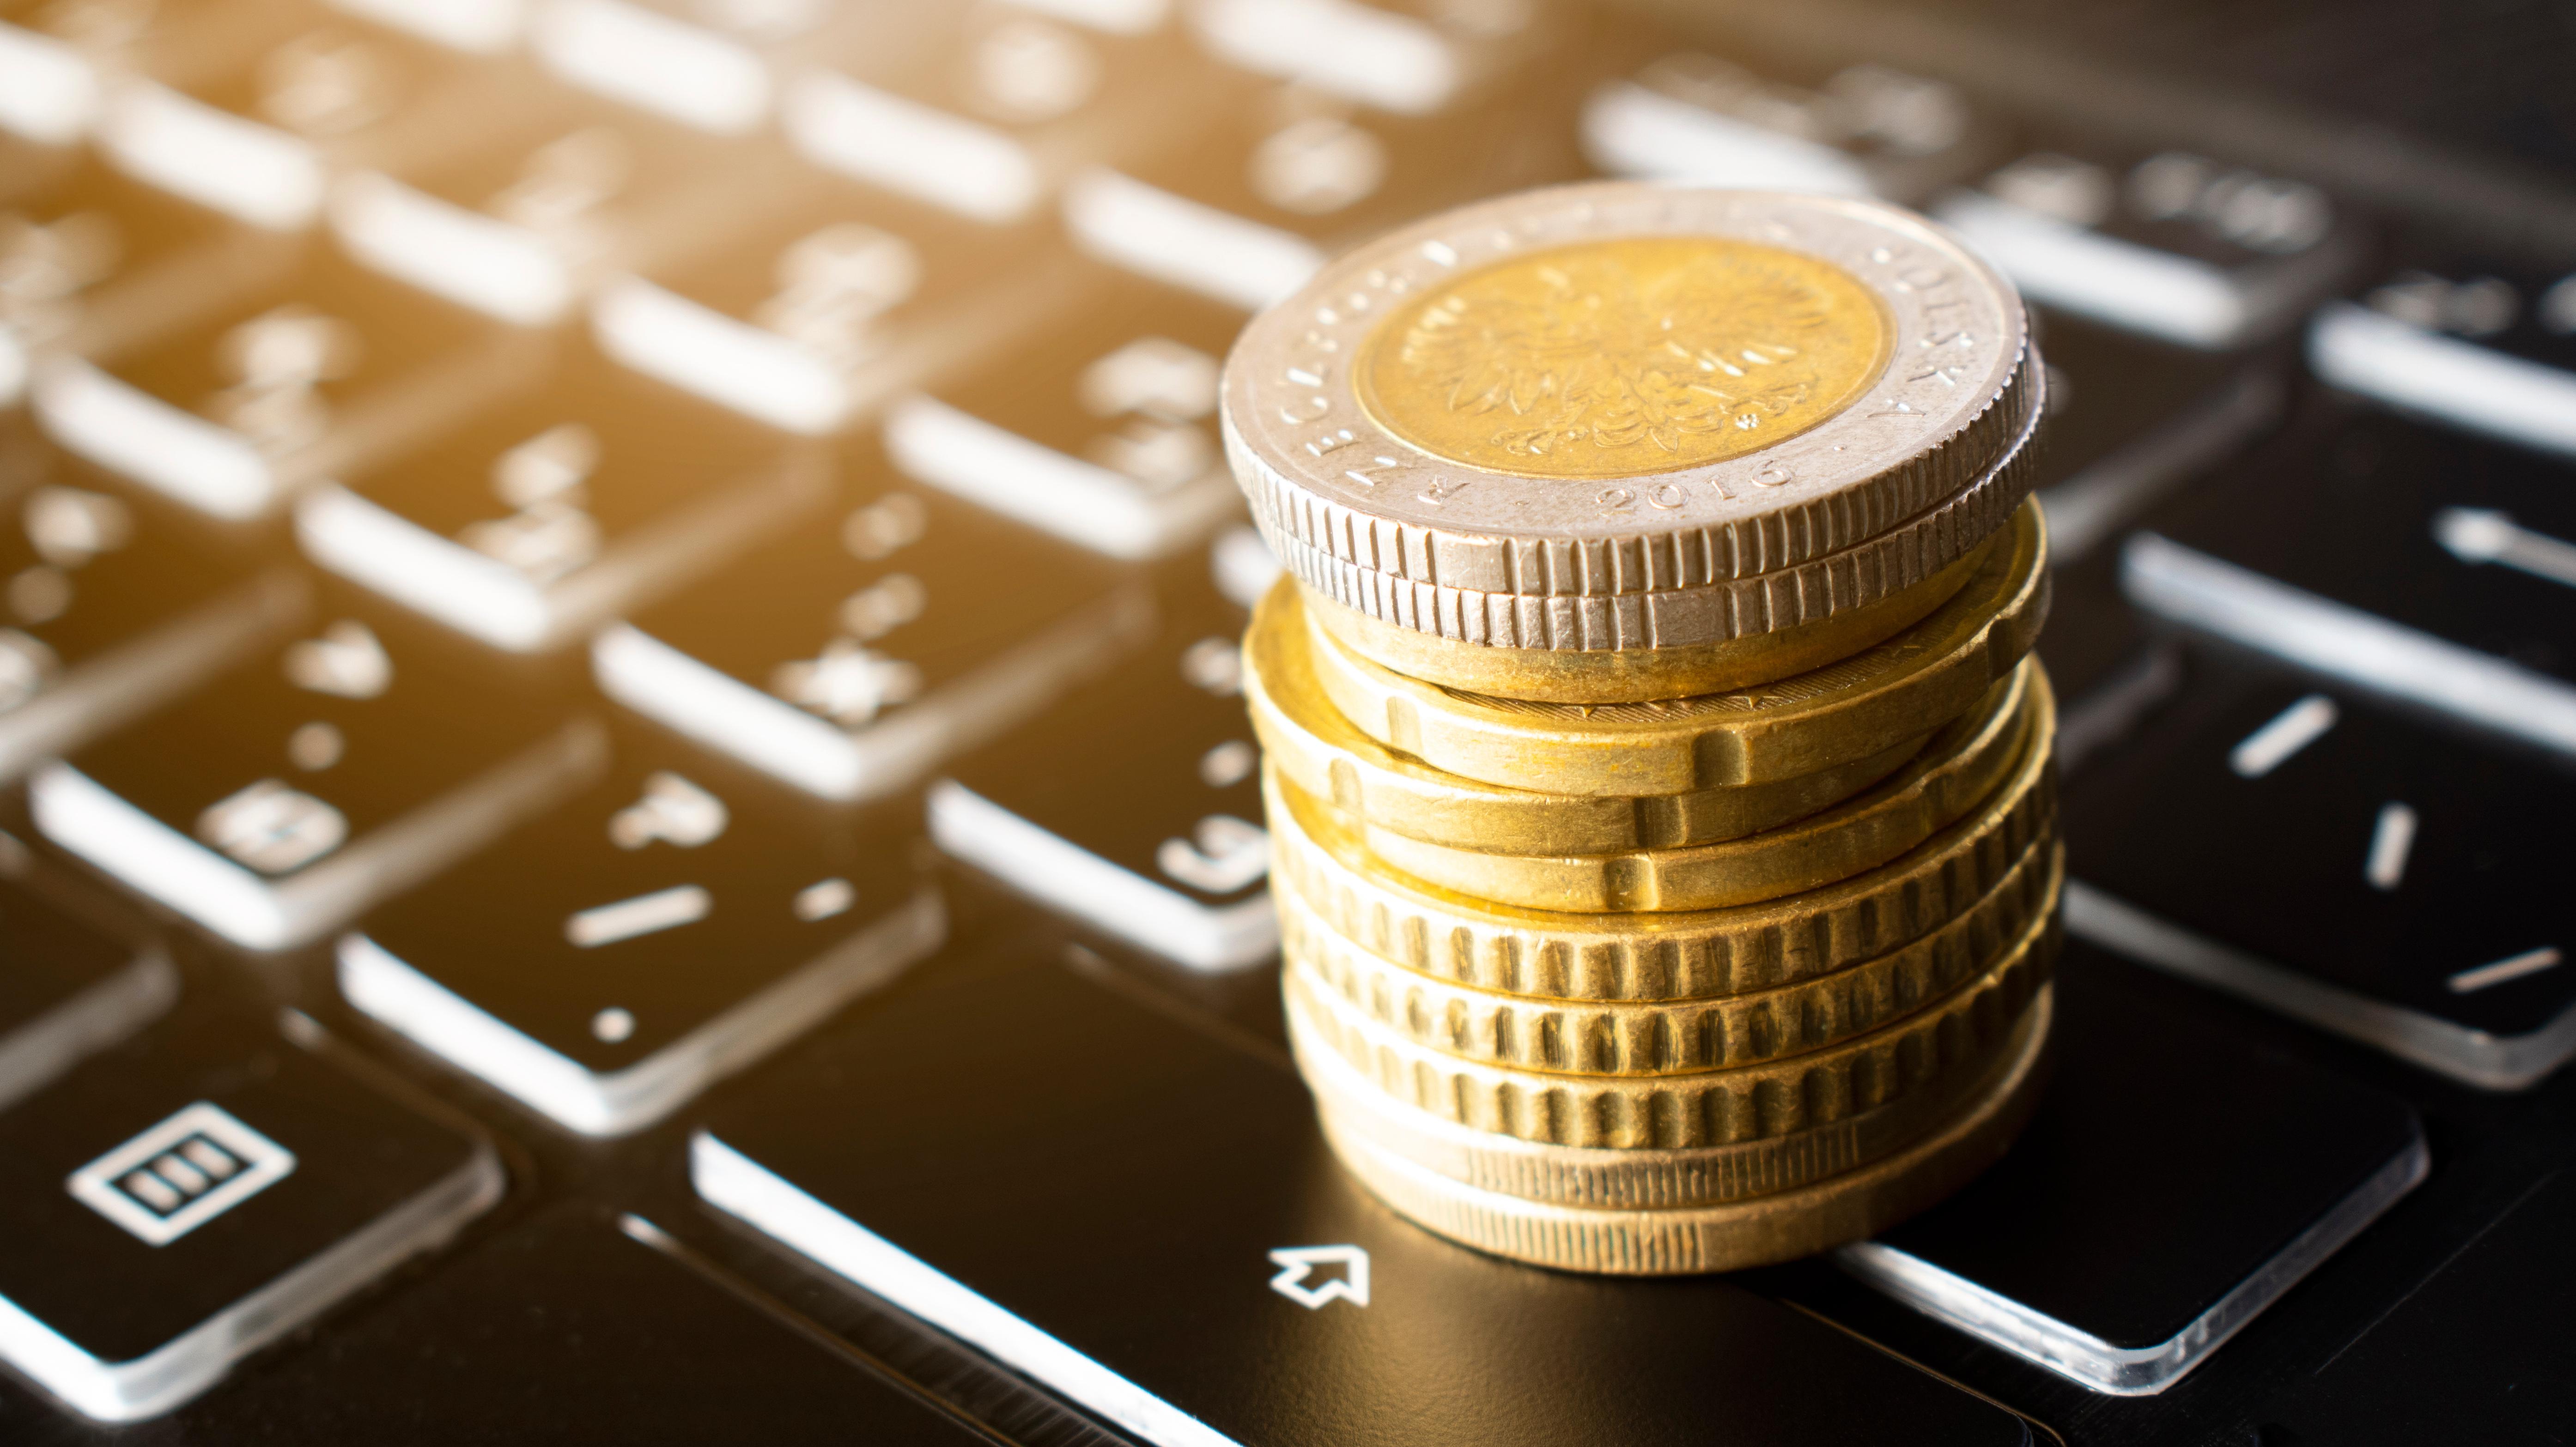 binäre münze smart vertrag wie man beim handel mit binären optionen erfolgreich ist